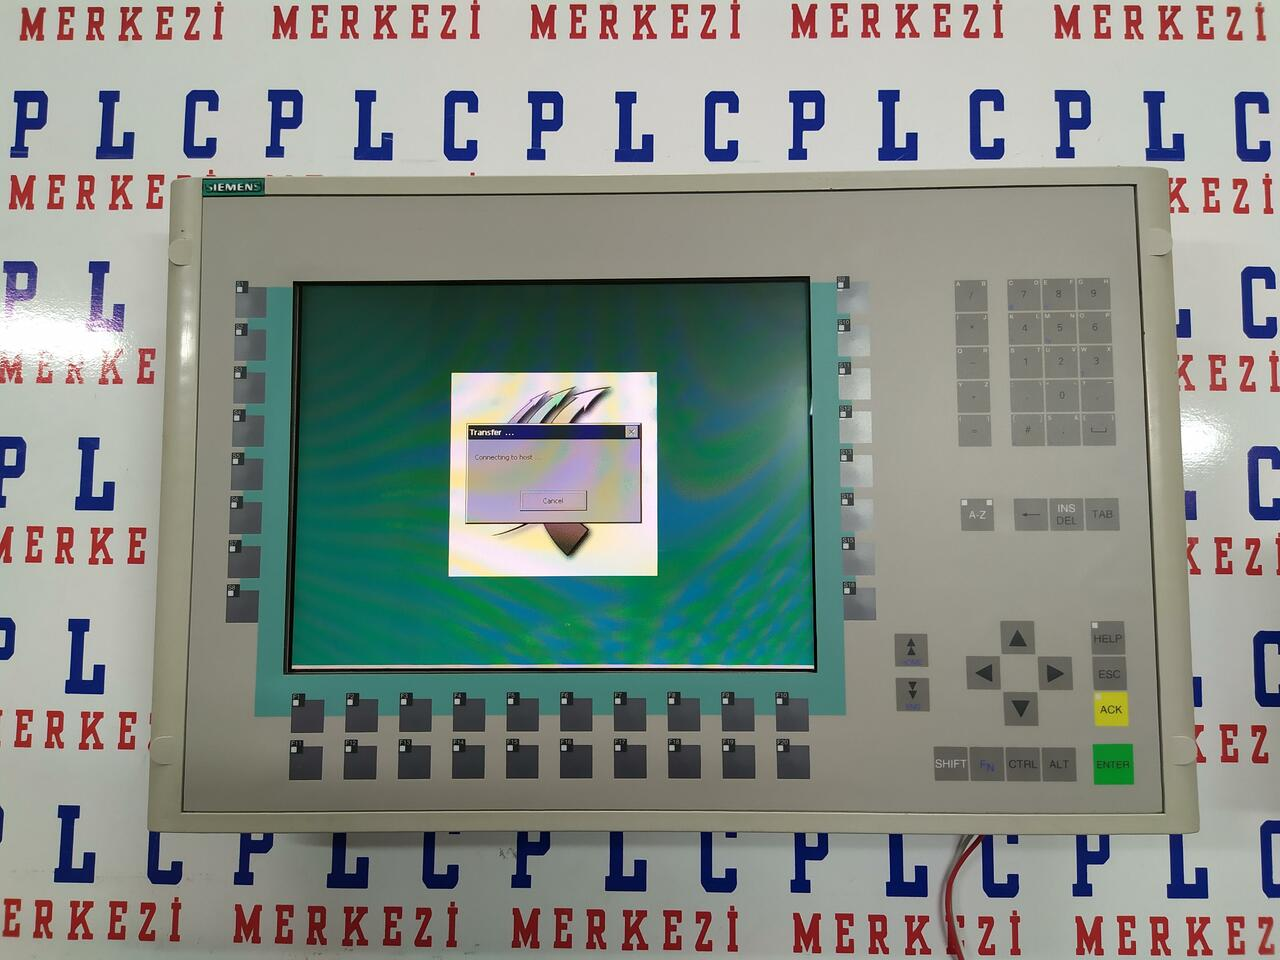 6AV6 542-0DA10-0AX0,6AV6542-0DA10-0AX0 MP 370  12 '' Siemens Panel